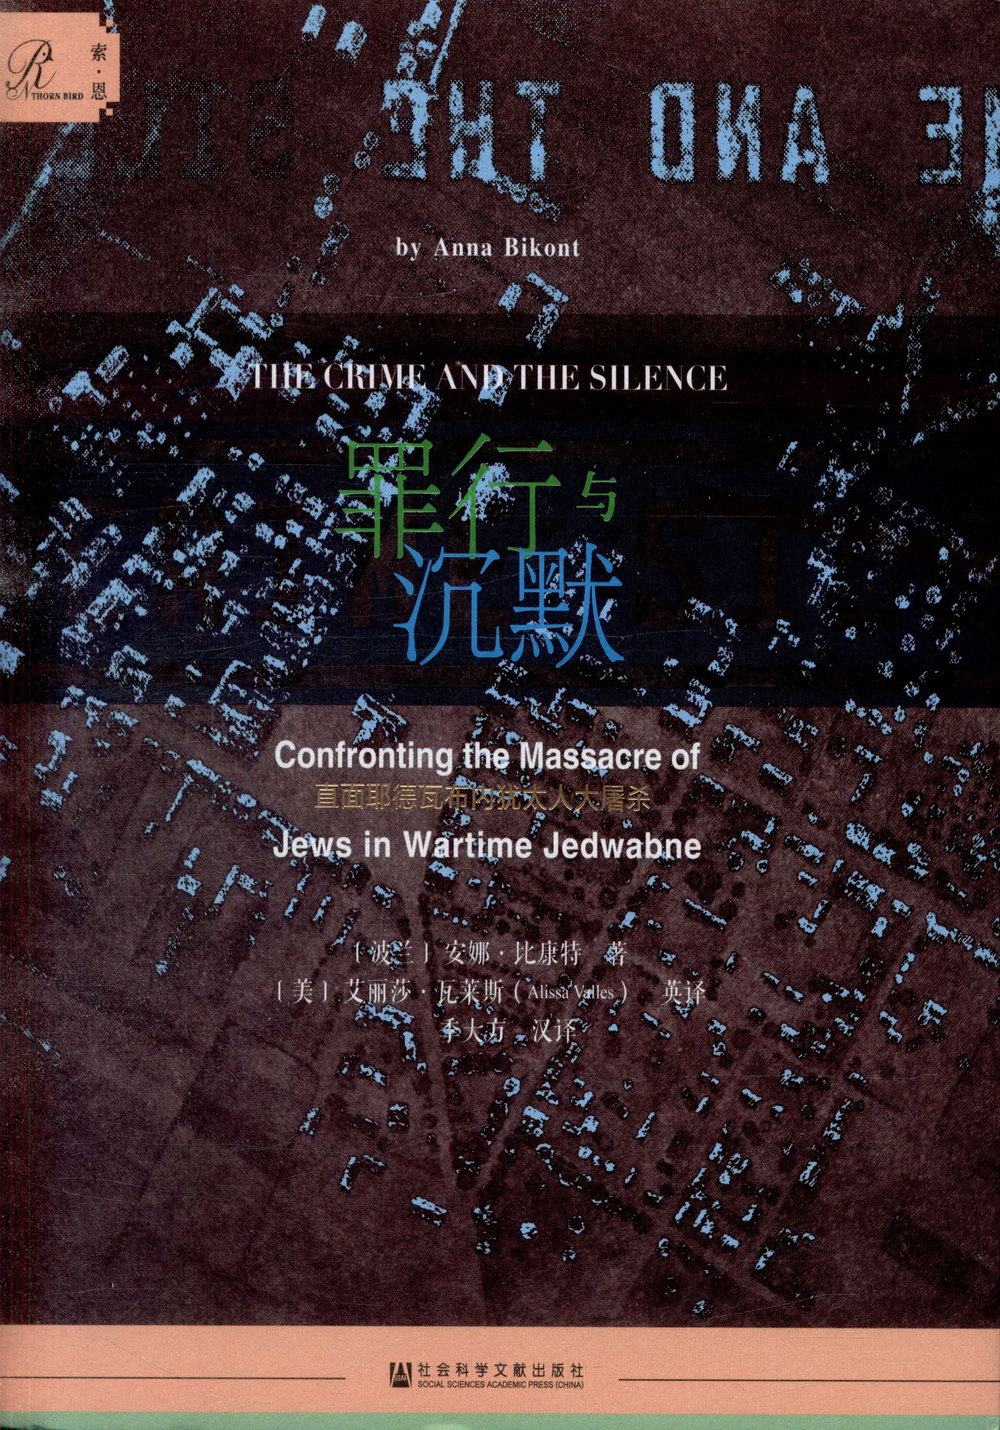 罪行與沉默:直面耶德瓦布內猶太人大屠殺